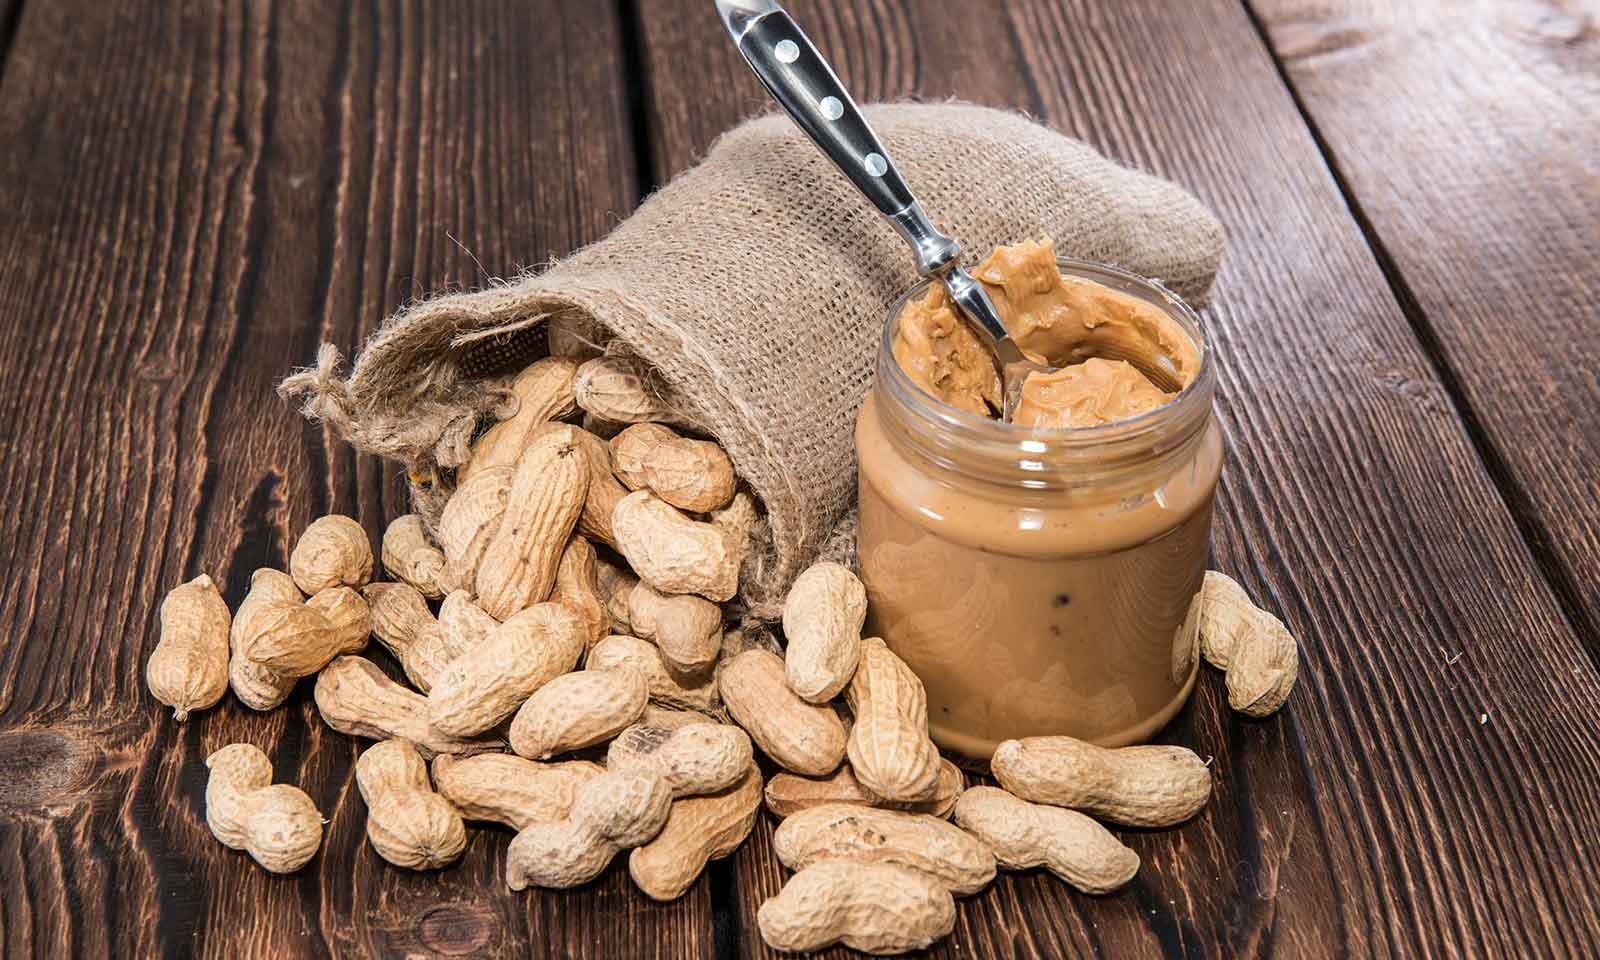 Natural Peanut Butter VS Regular Peanut Butter